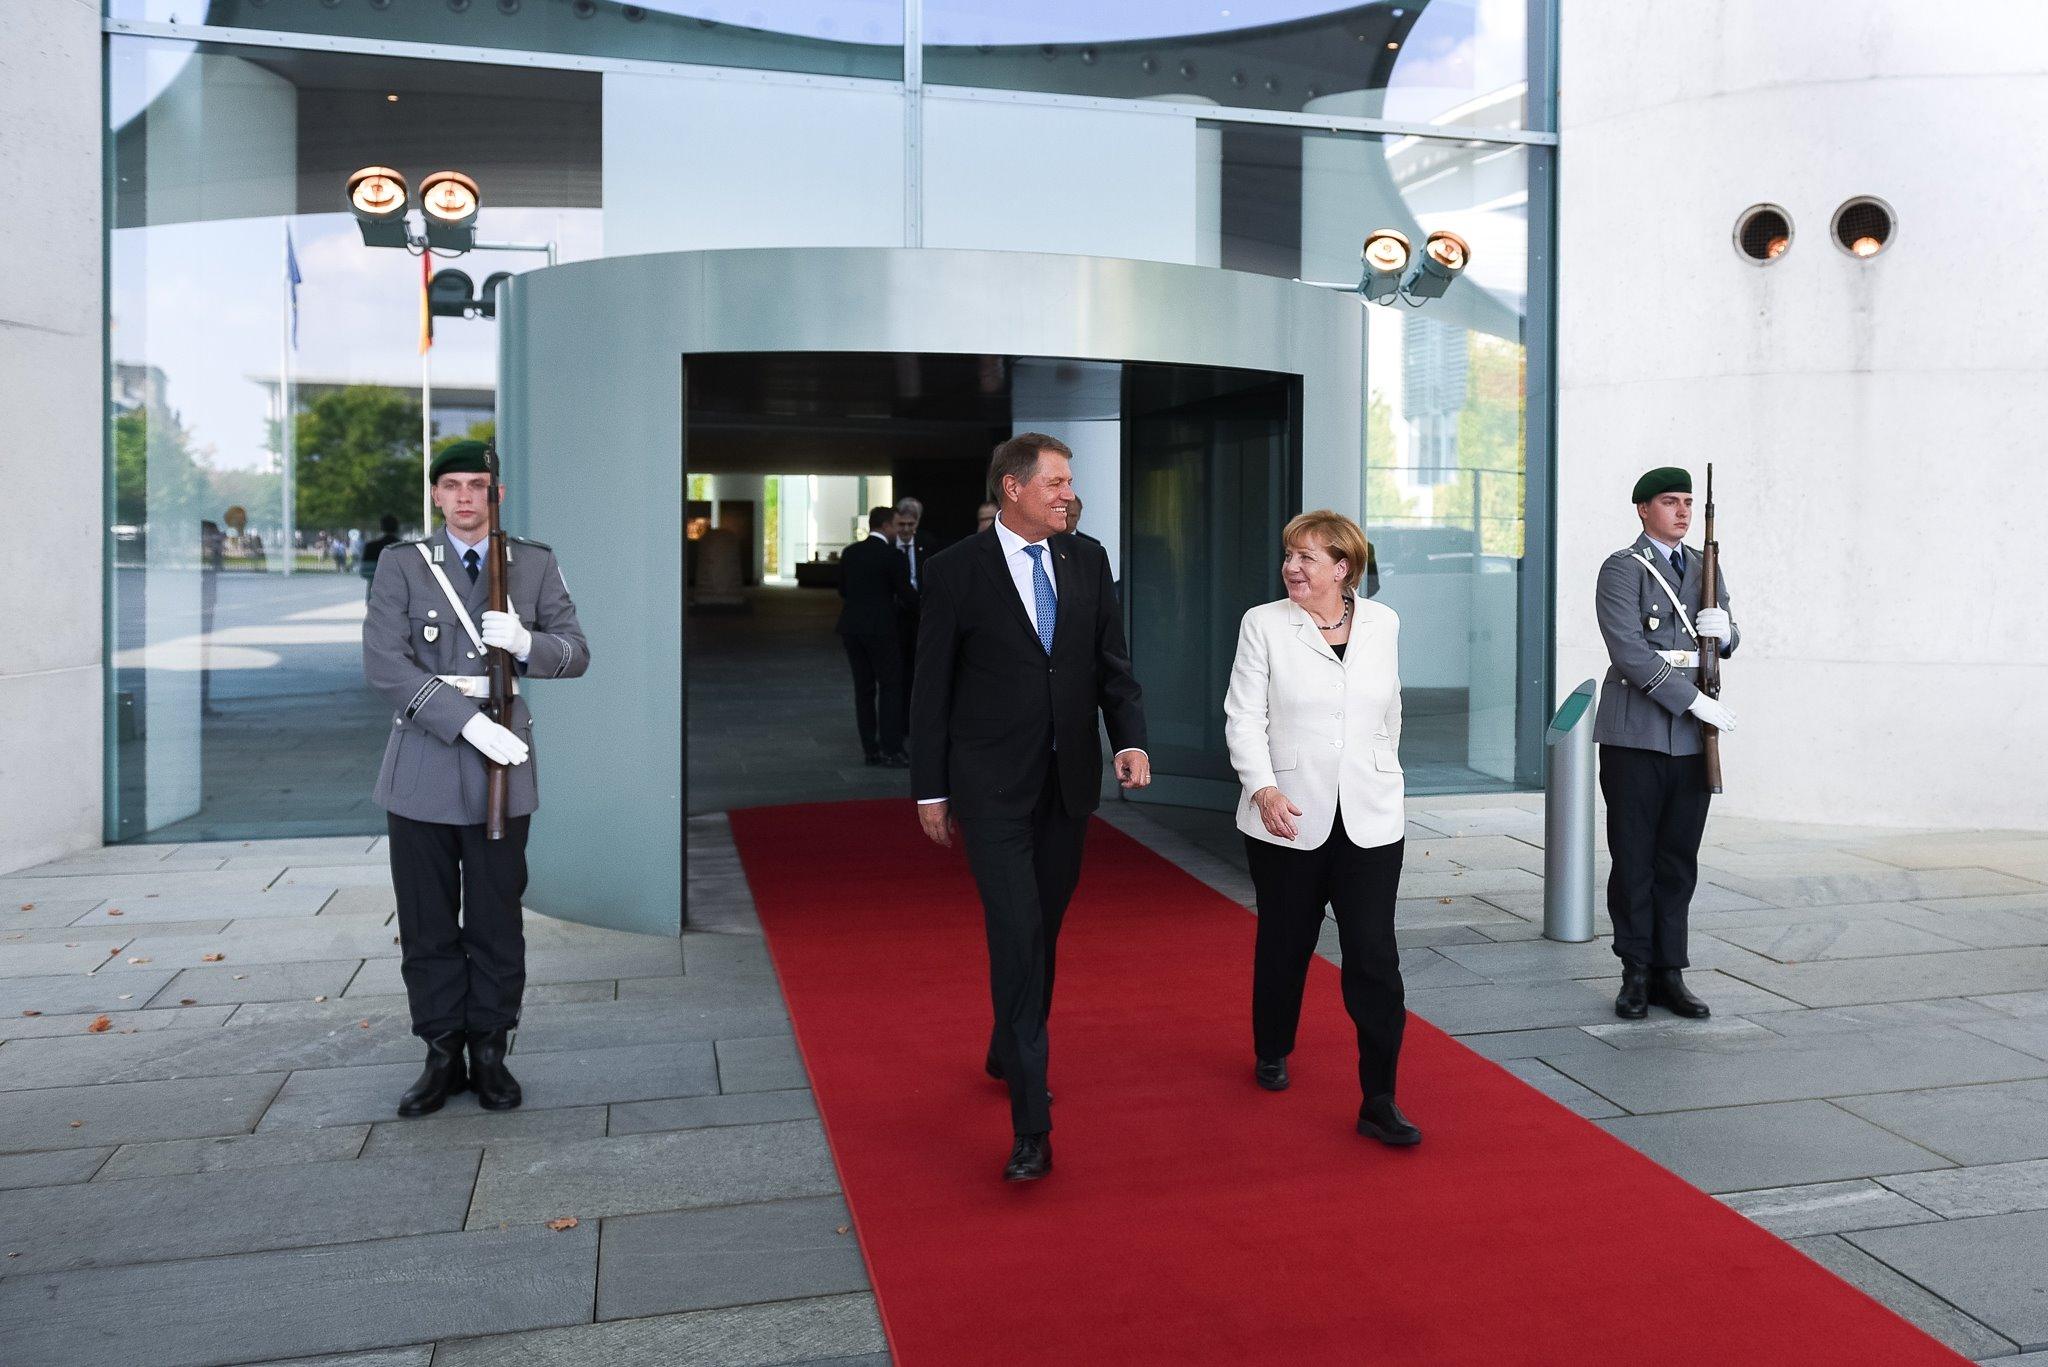 Anuntul facut de Klaus Iohannis, dupa ce s-a intalnit cu Merkel in Germania. Ce propunere a facut presedintele Romaniei